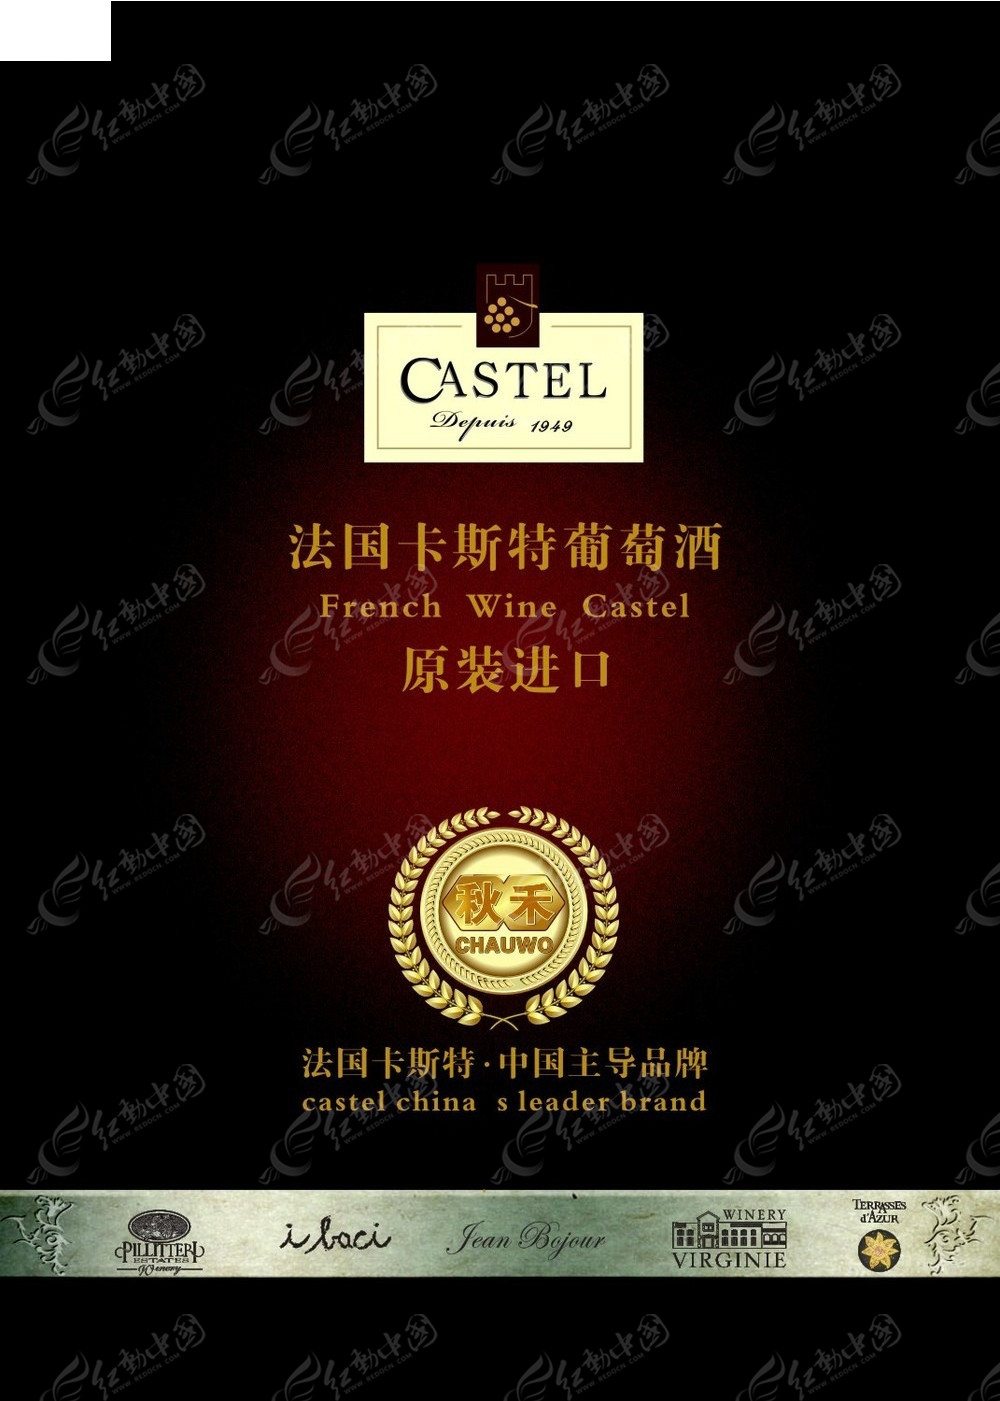 法国卡斯特葡萄酒包装设计